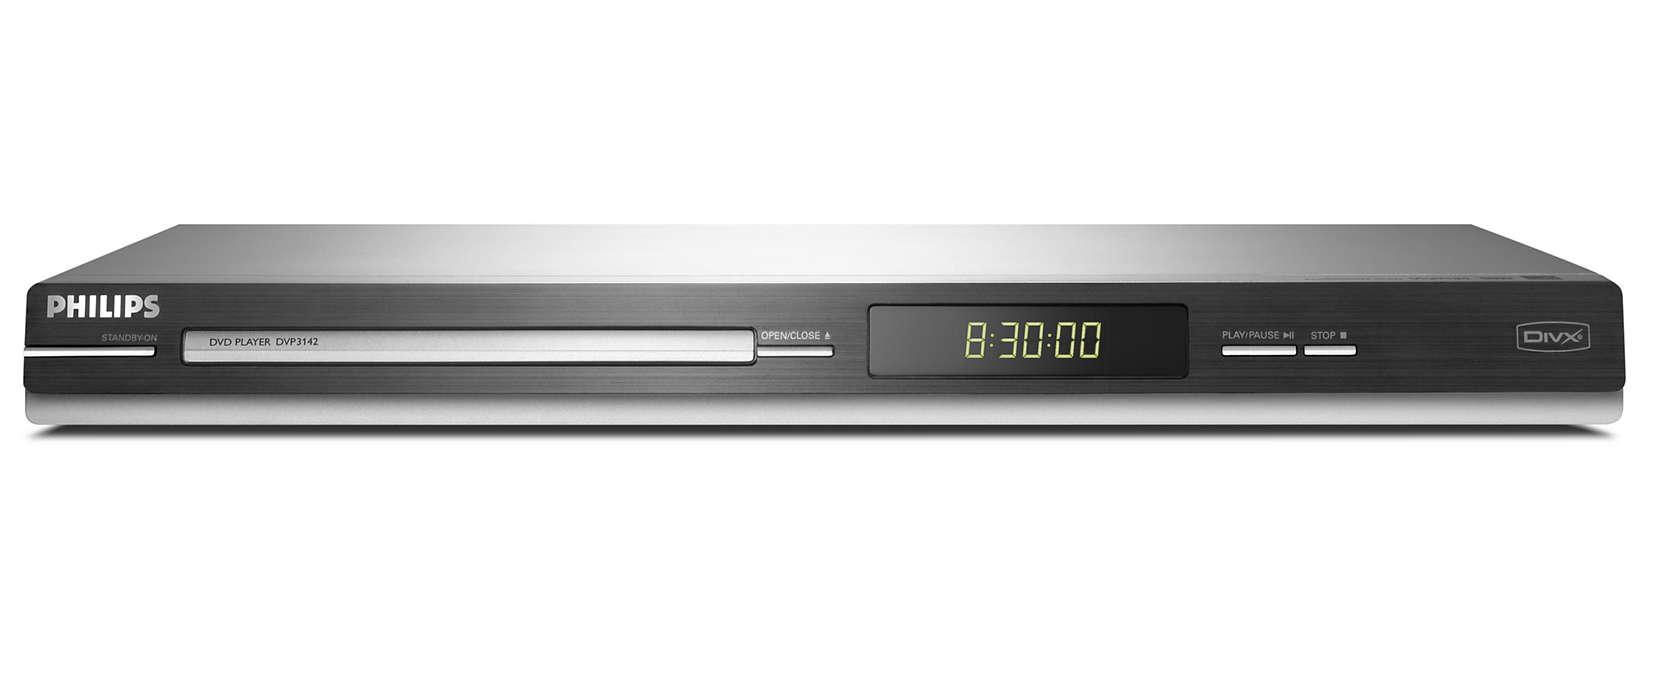 Filmy z vášho PC na vašej TV